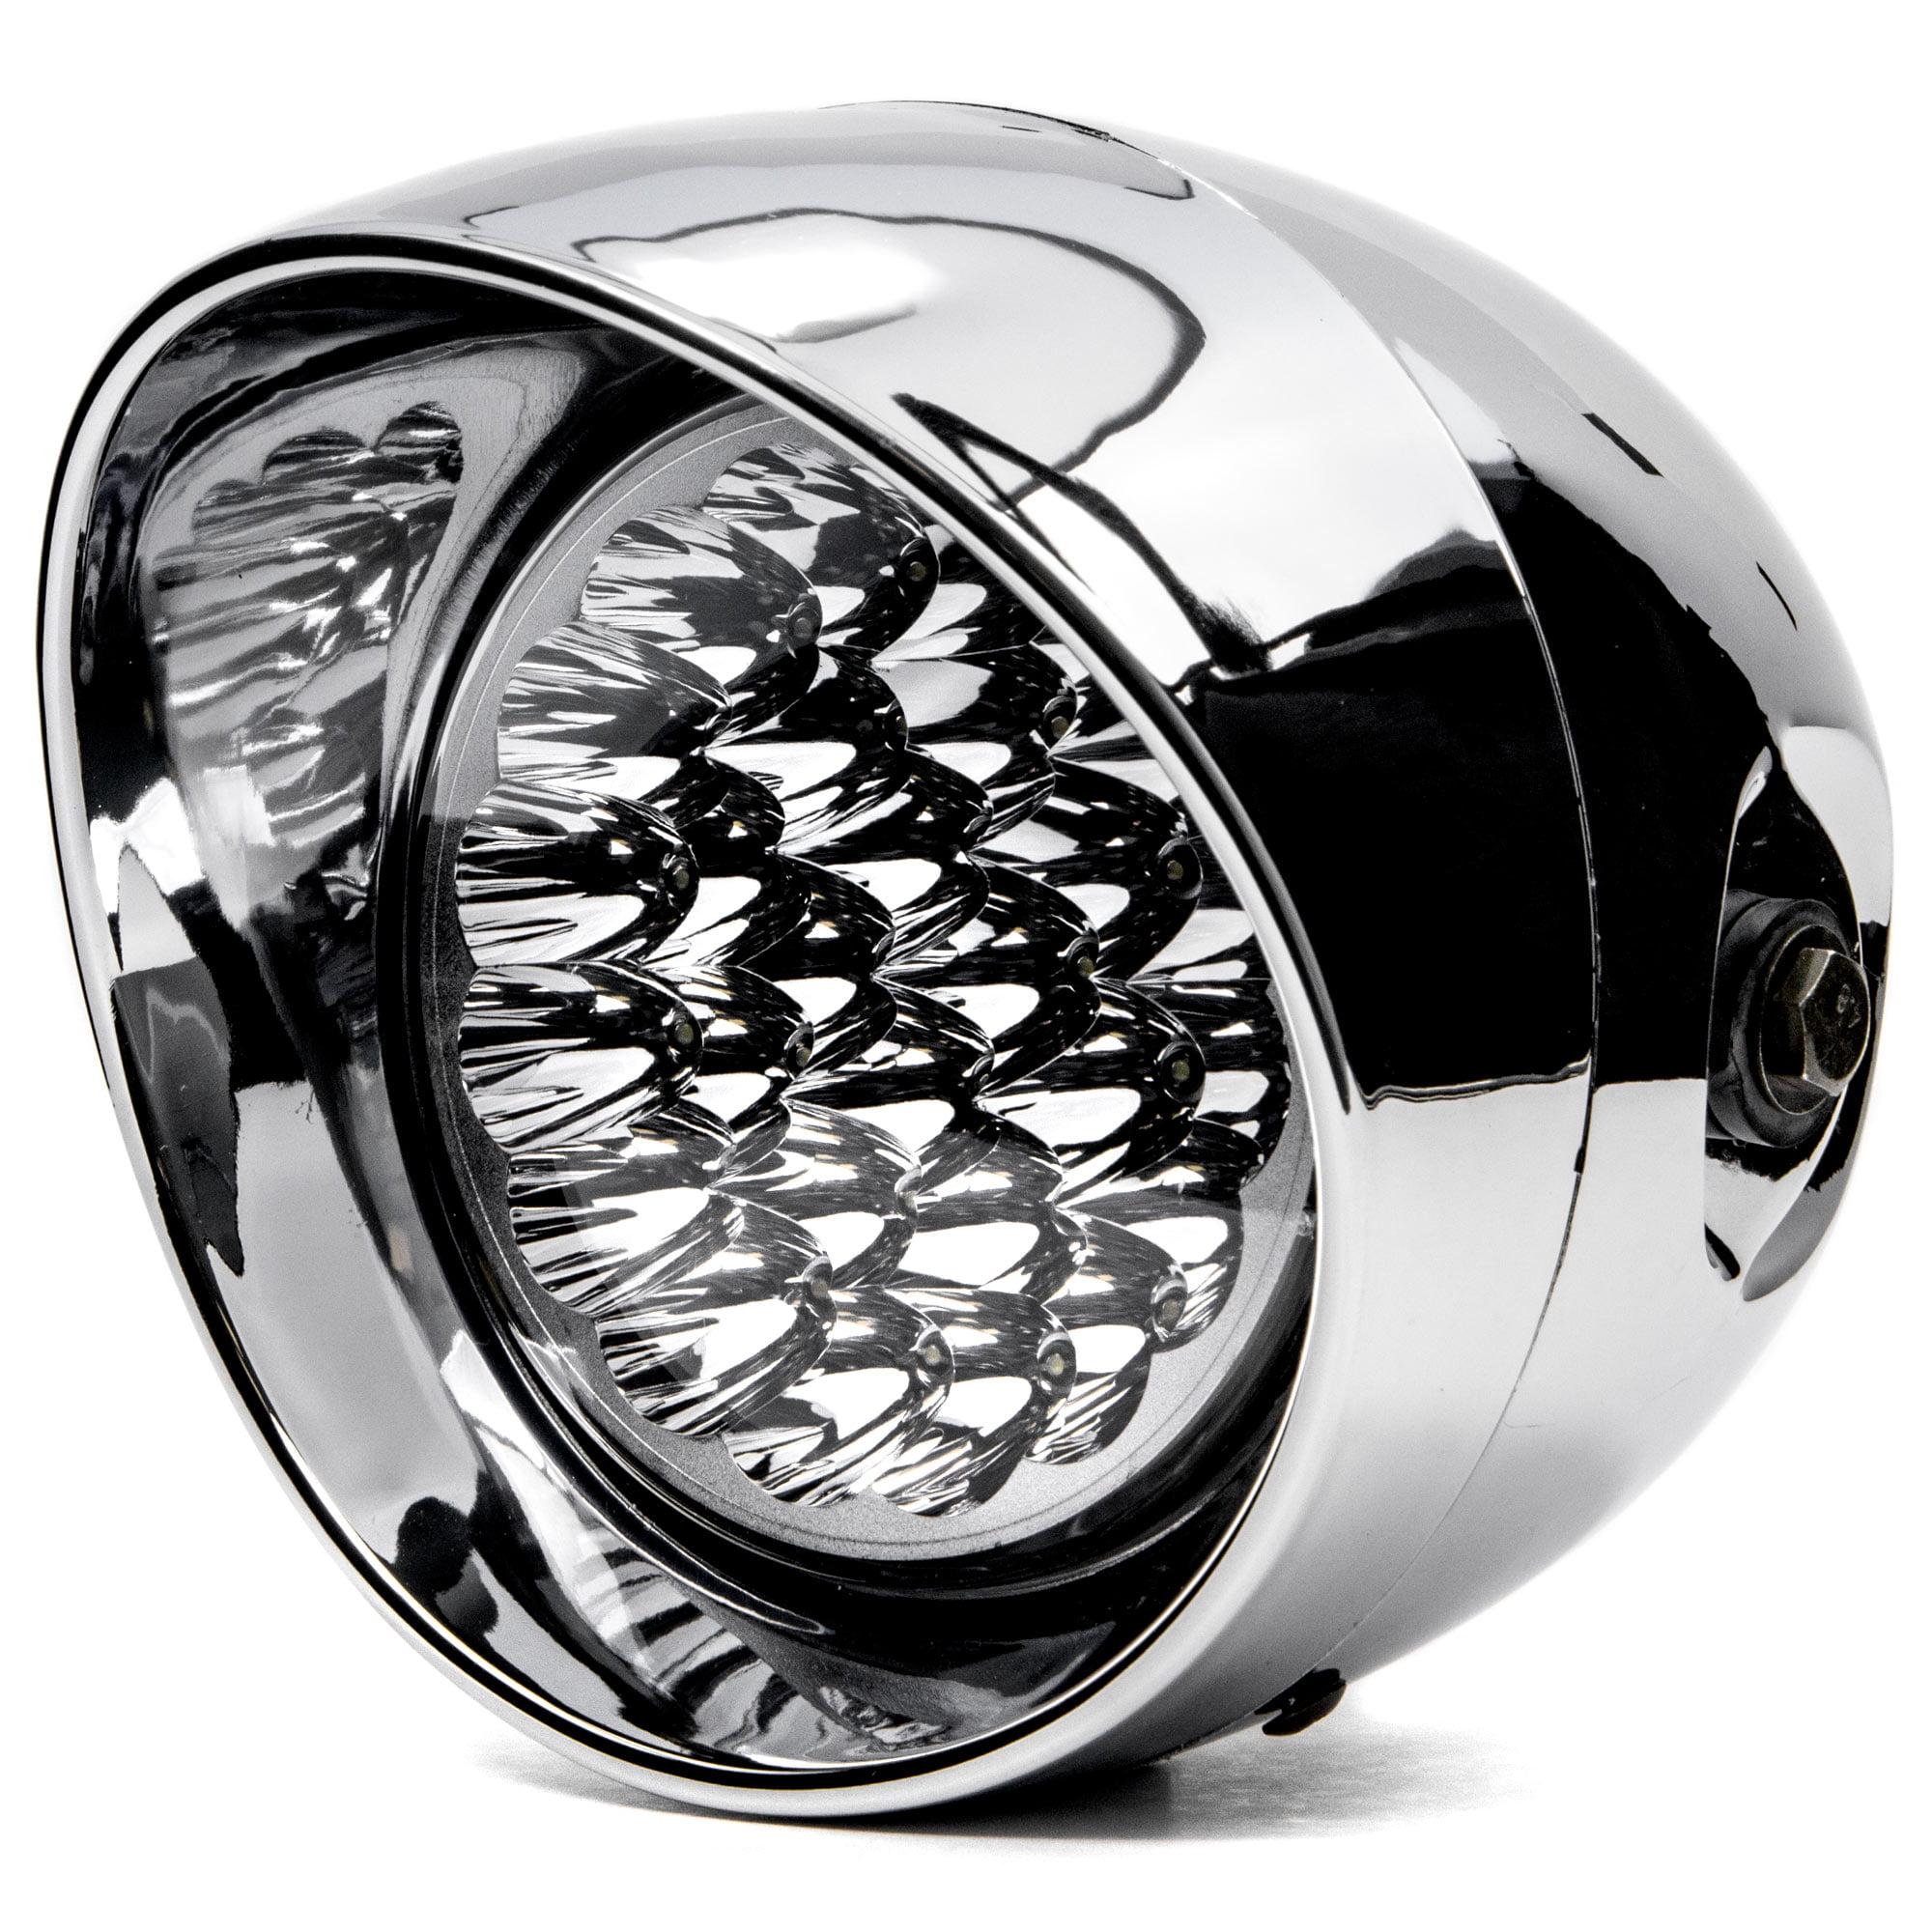 """Krator 7"""" Chrome LED Motorcycle Headlight w/ Side Mounting Running Light High / Lo Beam for Harley Davidson XL 883 Hugger Sportster - image 5 de 5"""